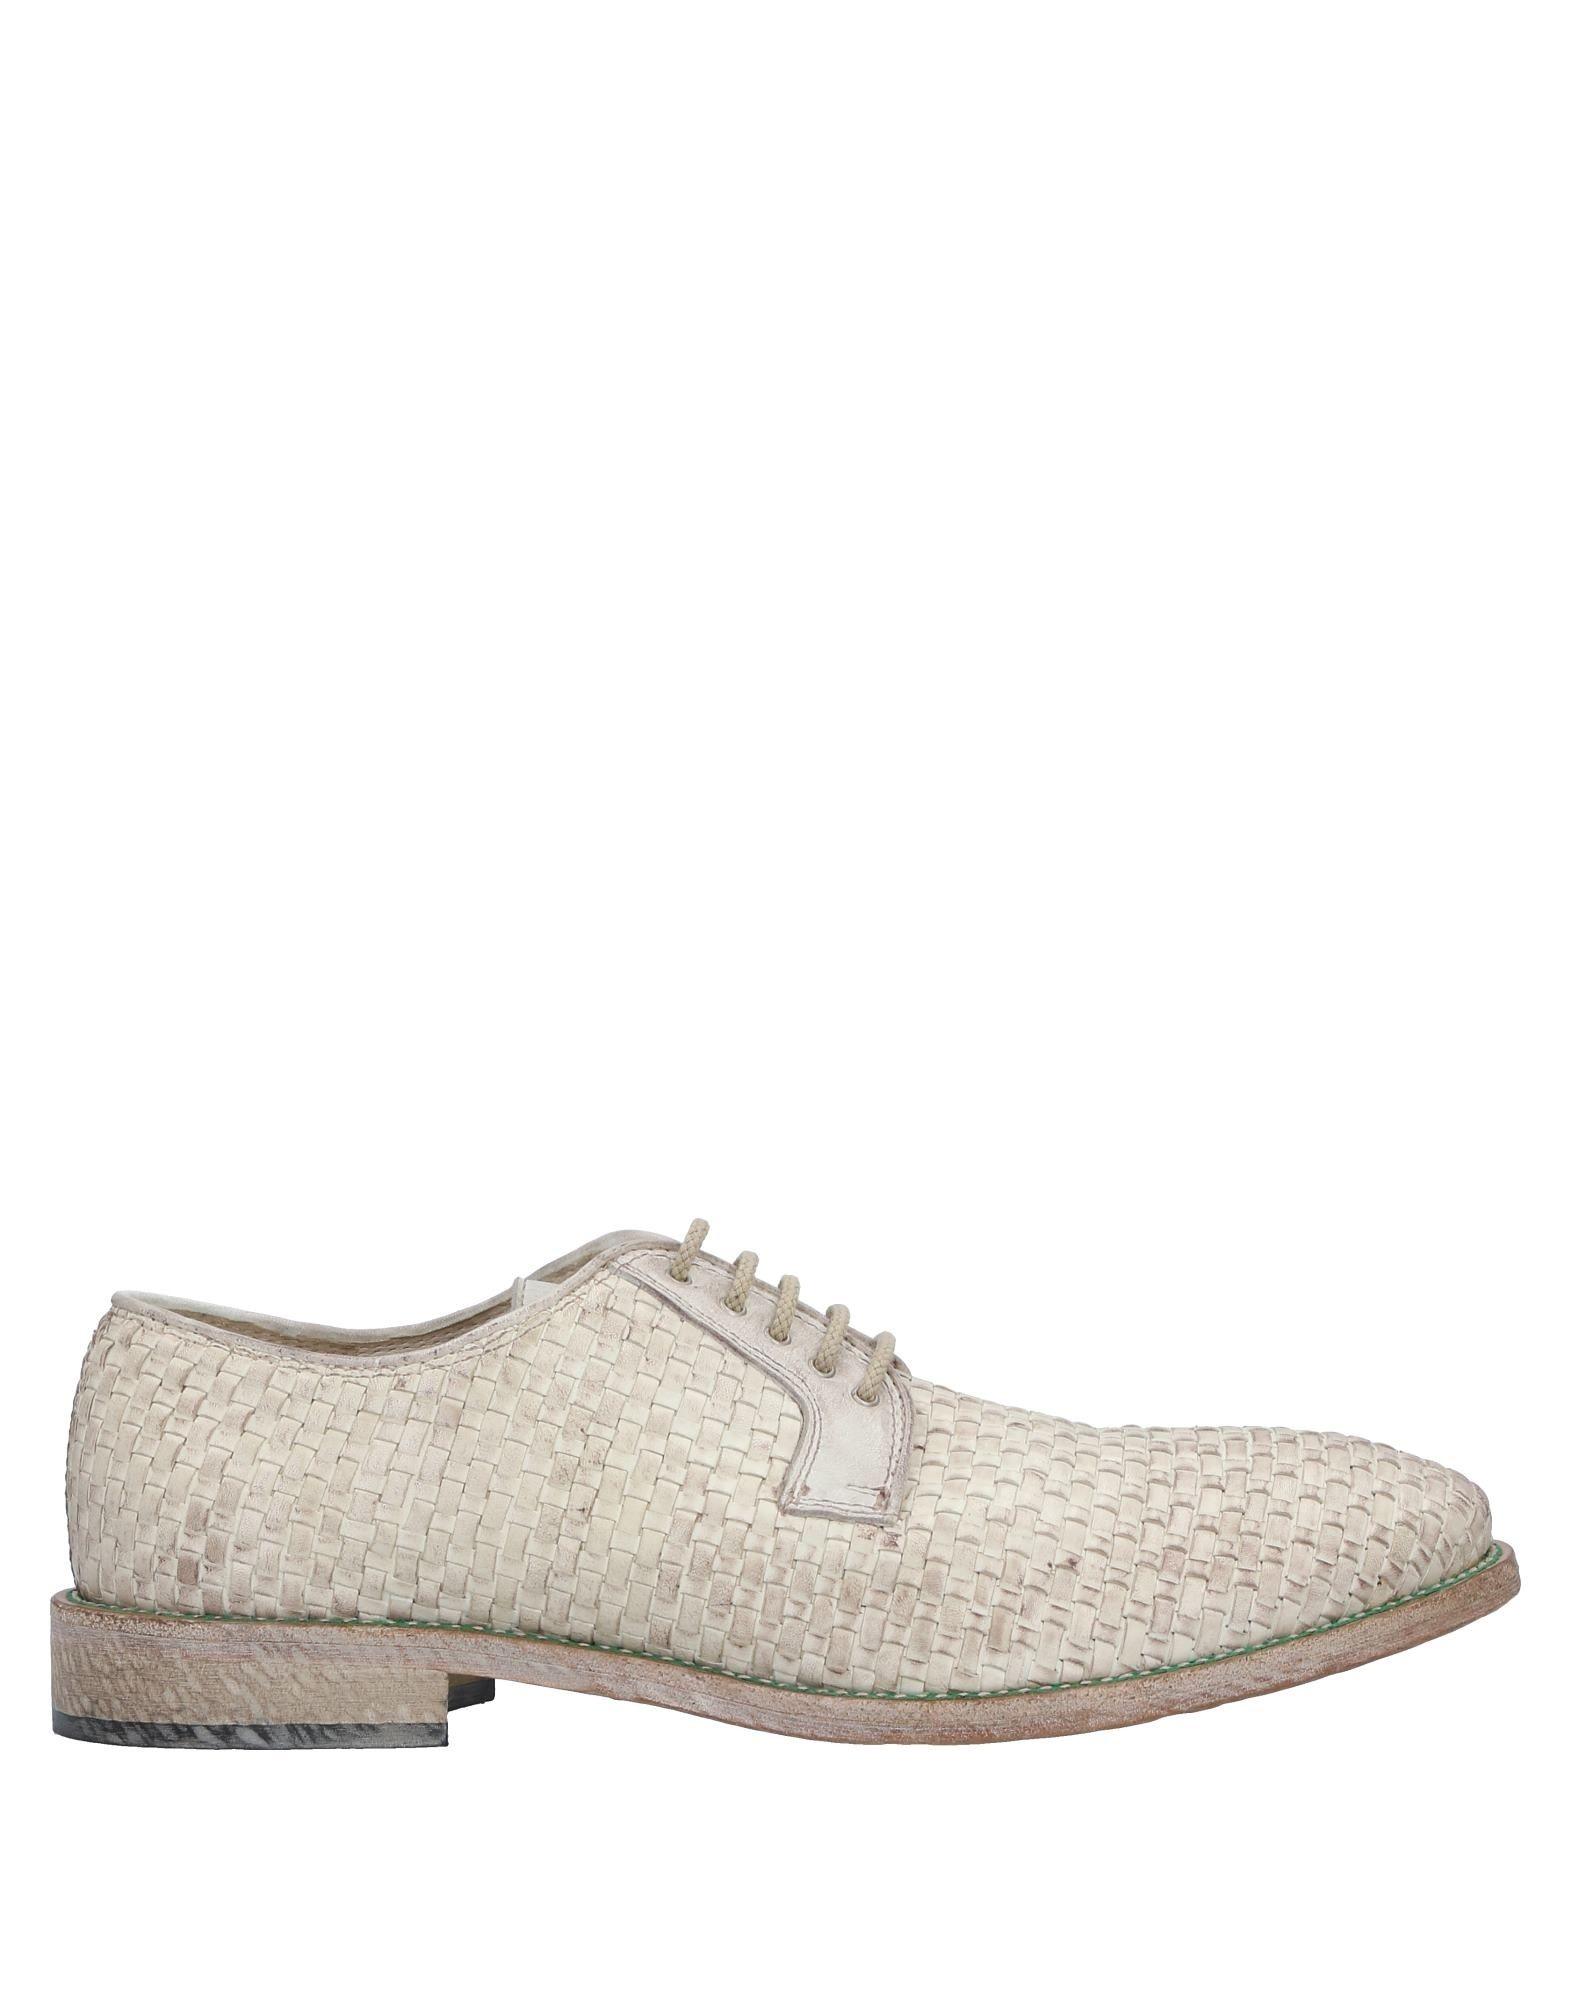 Фото - SCHUHMANN'S Обувь на шнурках обувь на высокой платформе dkny